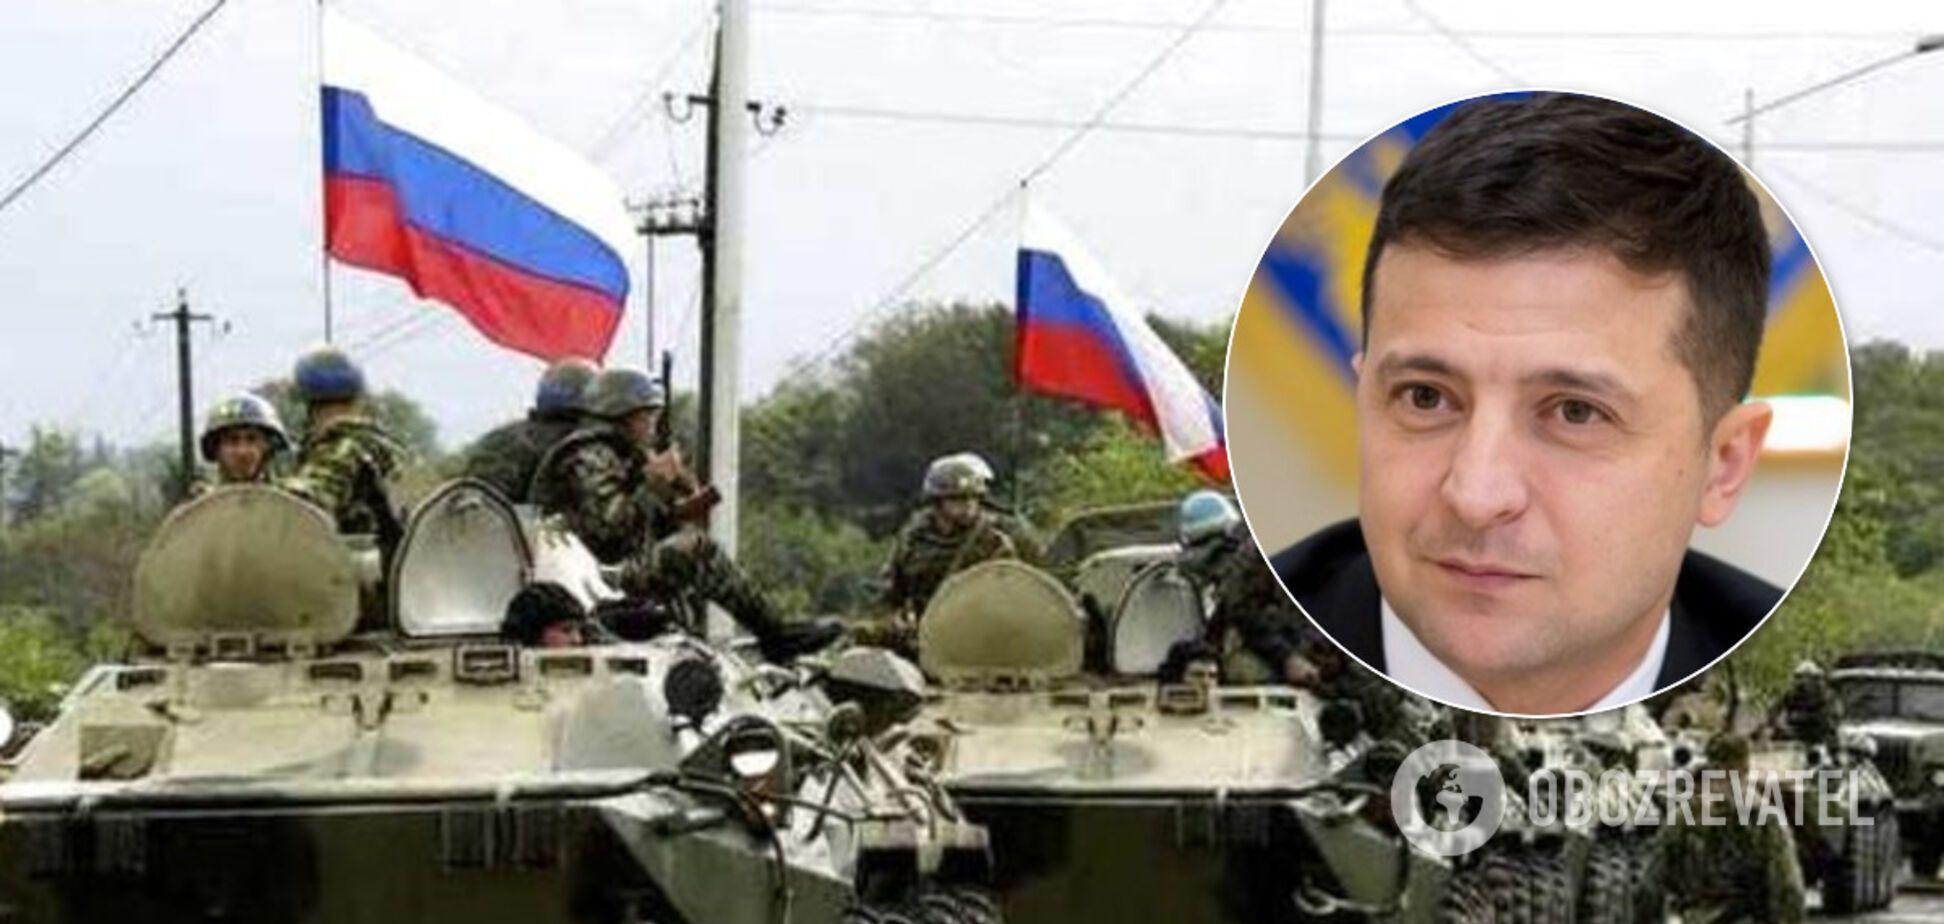 Зеленский признал, что на Донбассе воюют россияне и стреляют в украинцев